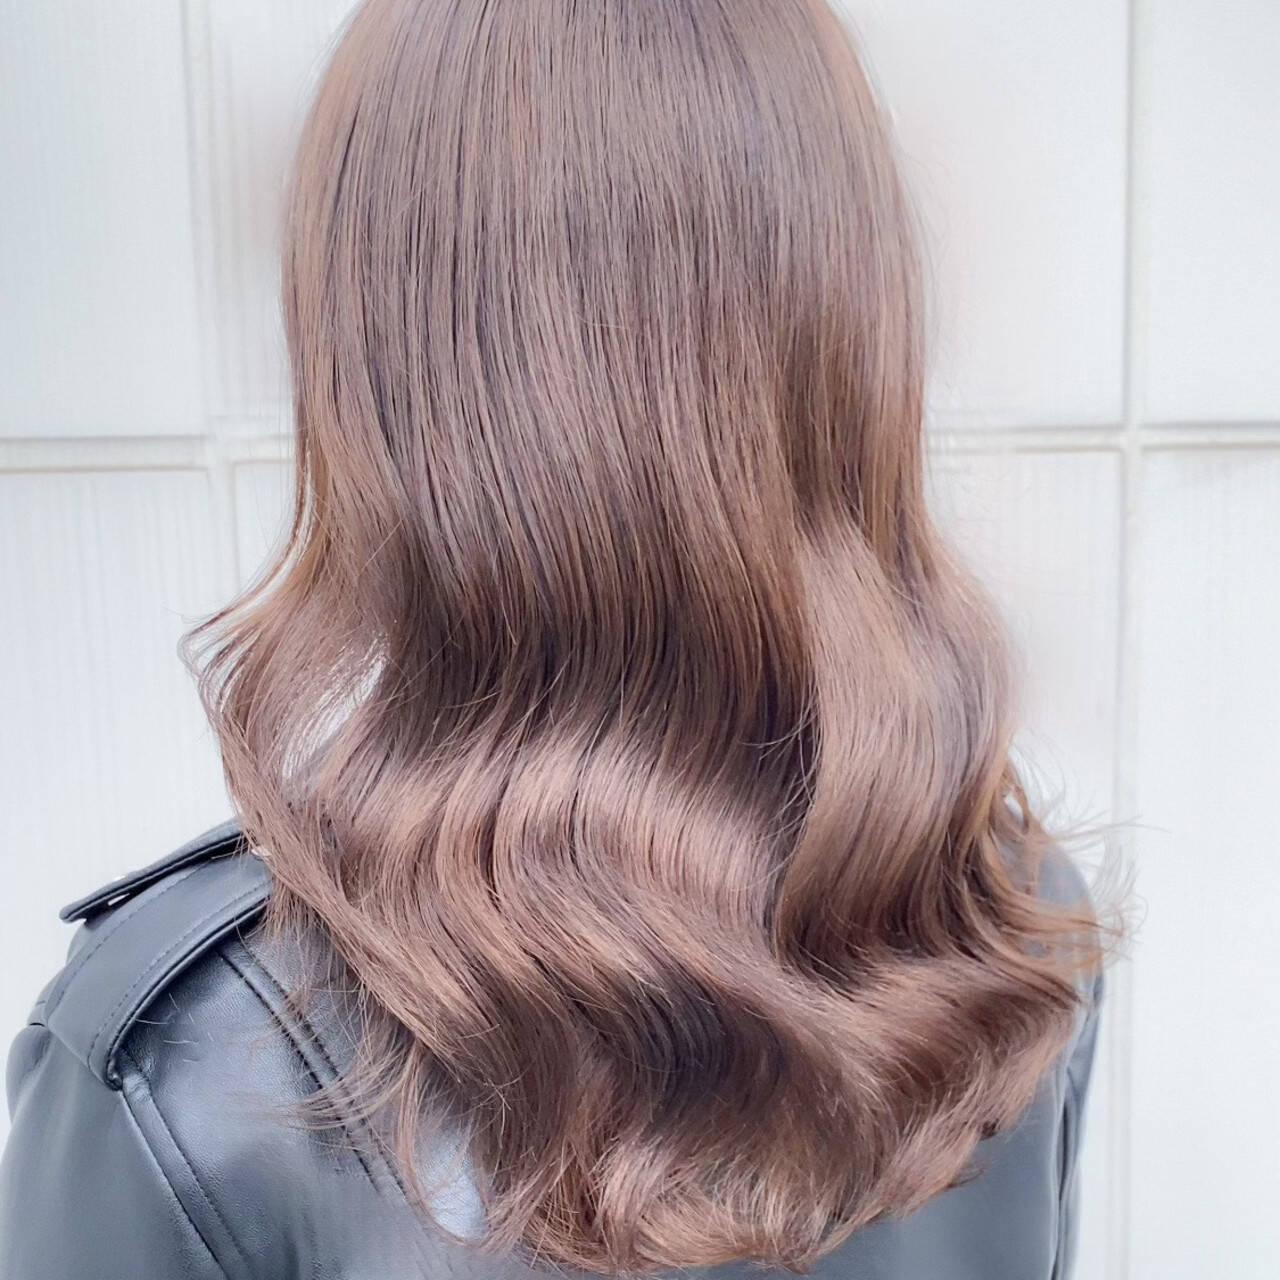 セミロング ベージュ ミルクティーベージュ ナチュラルヘアスタイルや髪型の写真・画像